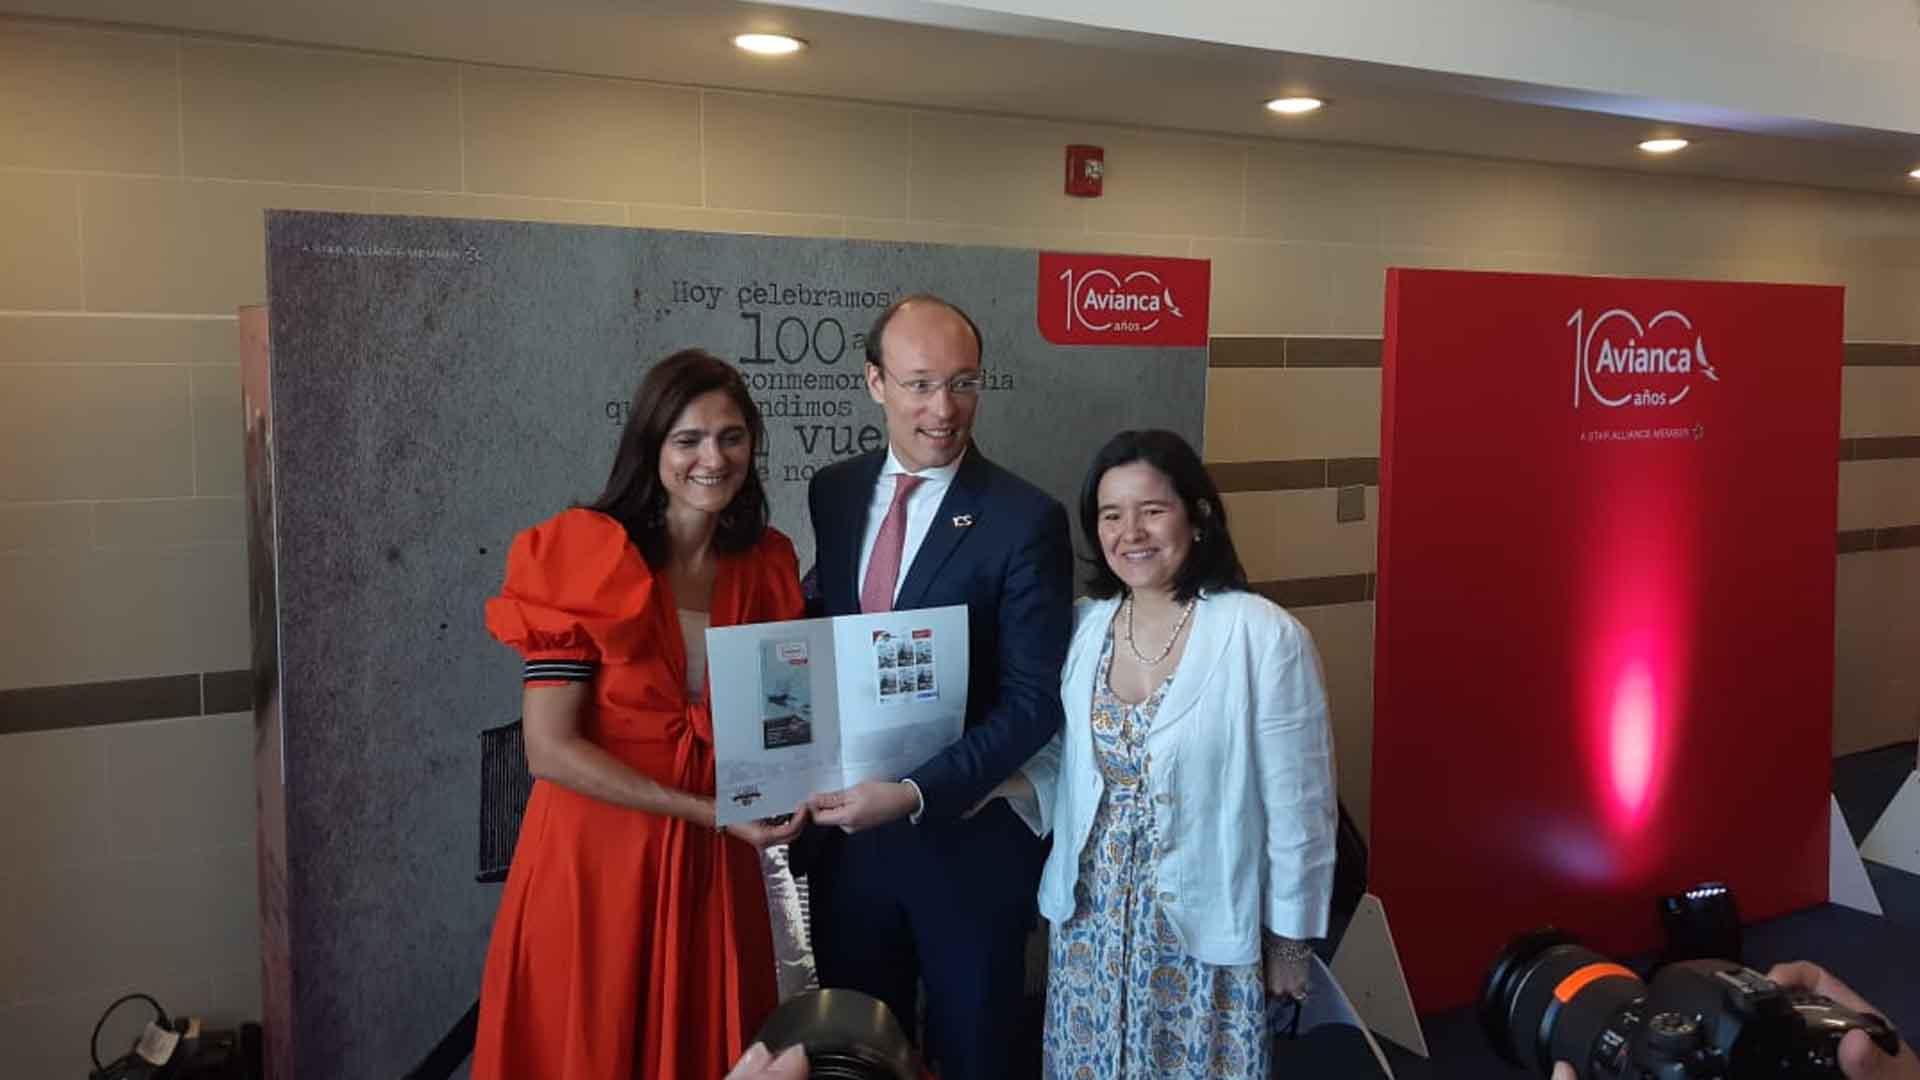 Ministra de Transporte, Ángela María Orozco (vestido rojo), en compañía del presidente de Avianca, Anko van Der Werff y la ministra de las Tics, Sylvia Constaín.